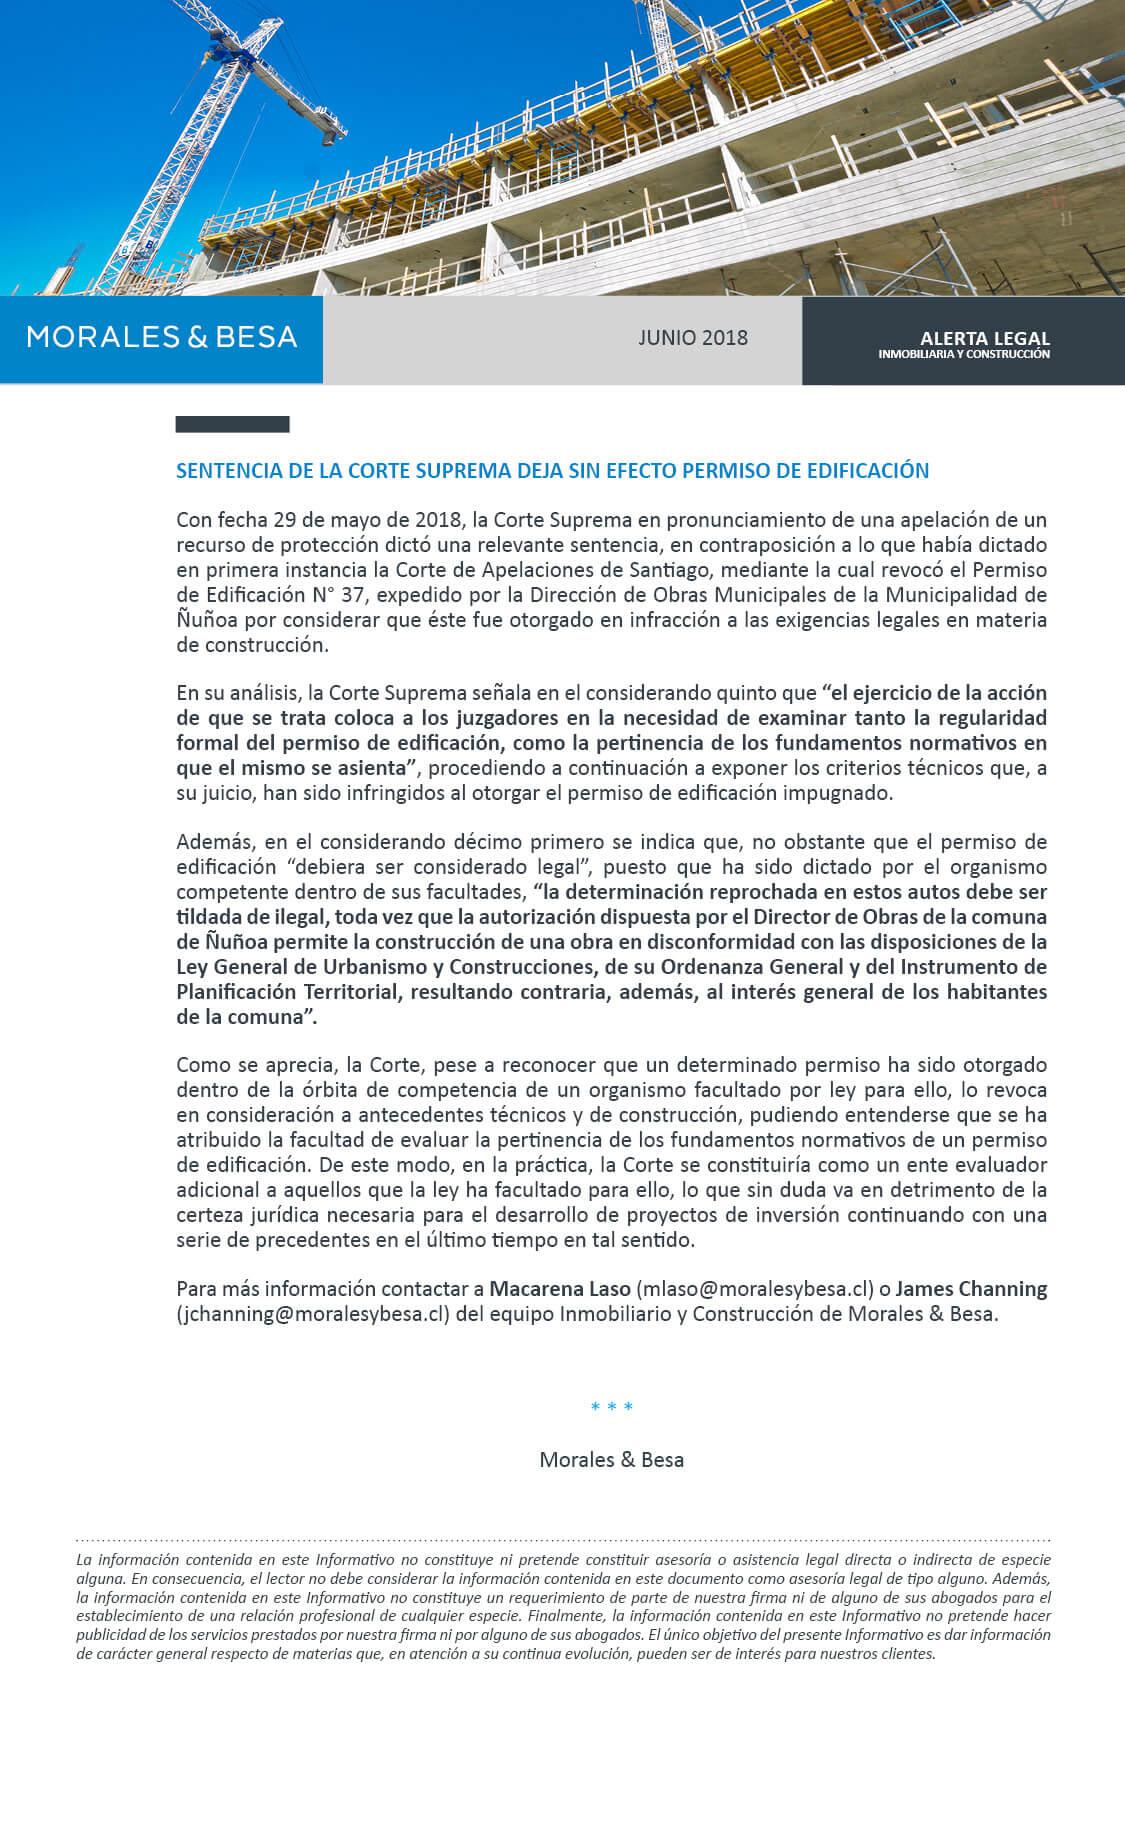 Morales & Besa_Alerta Legal_Inmobiliaria y Construcción_Junio 2018